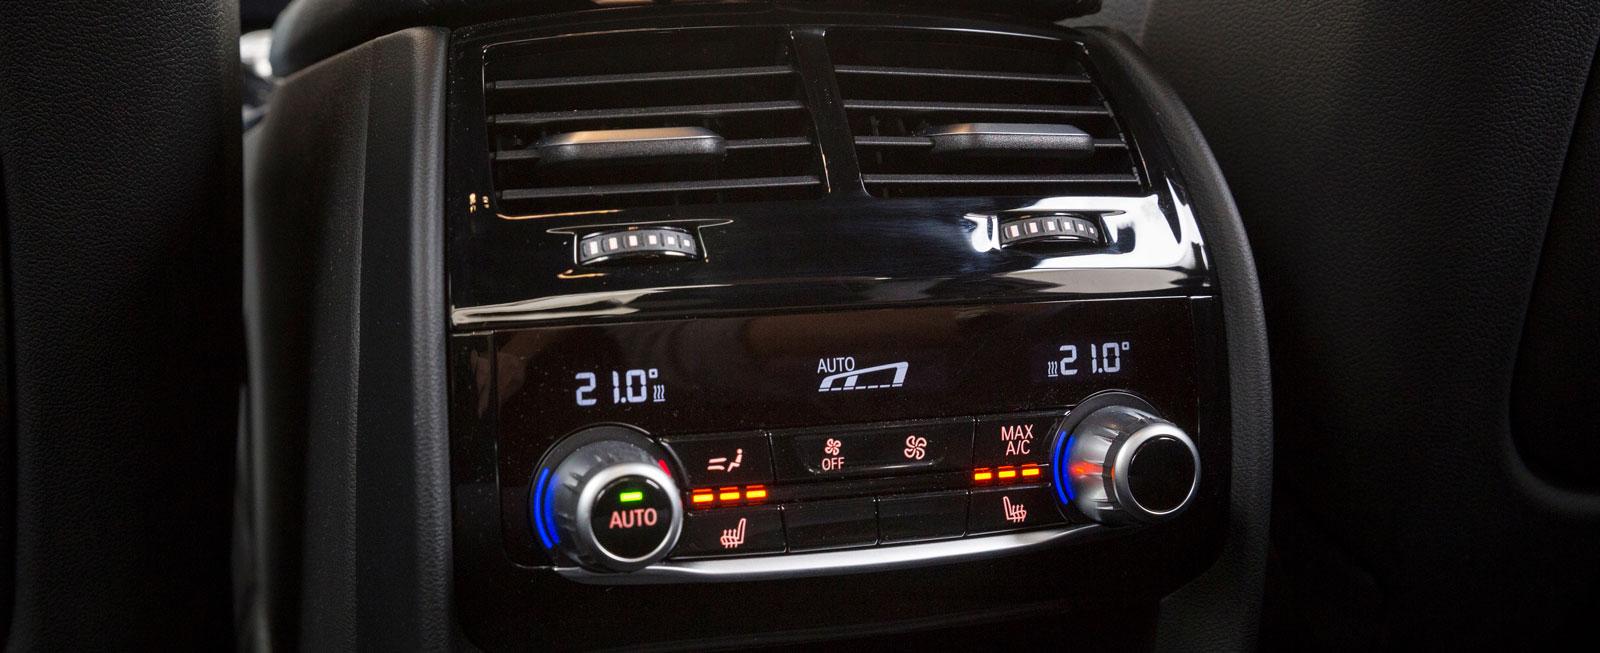 En egen klimatanläggning och stolsvärme för baksätespassagerarna finns på BMW:s tillvalslista och kostar 8000 kronor extra.